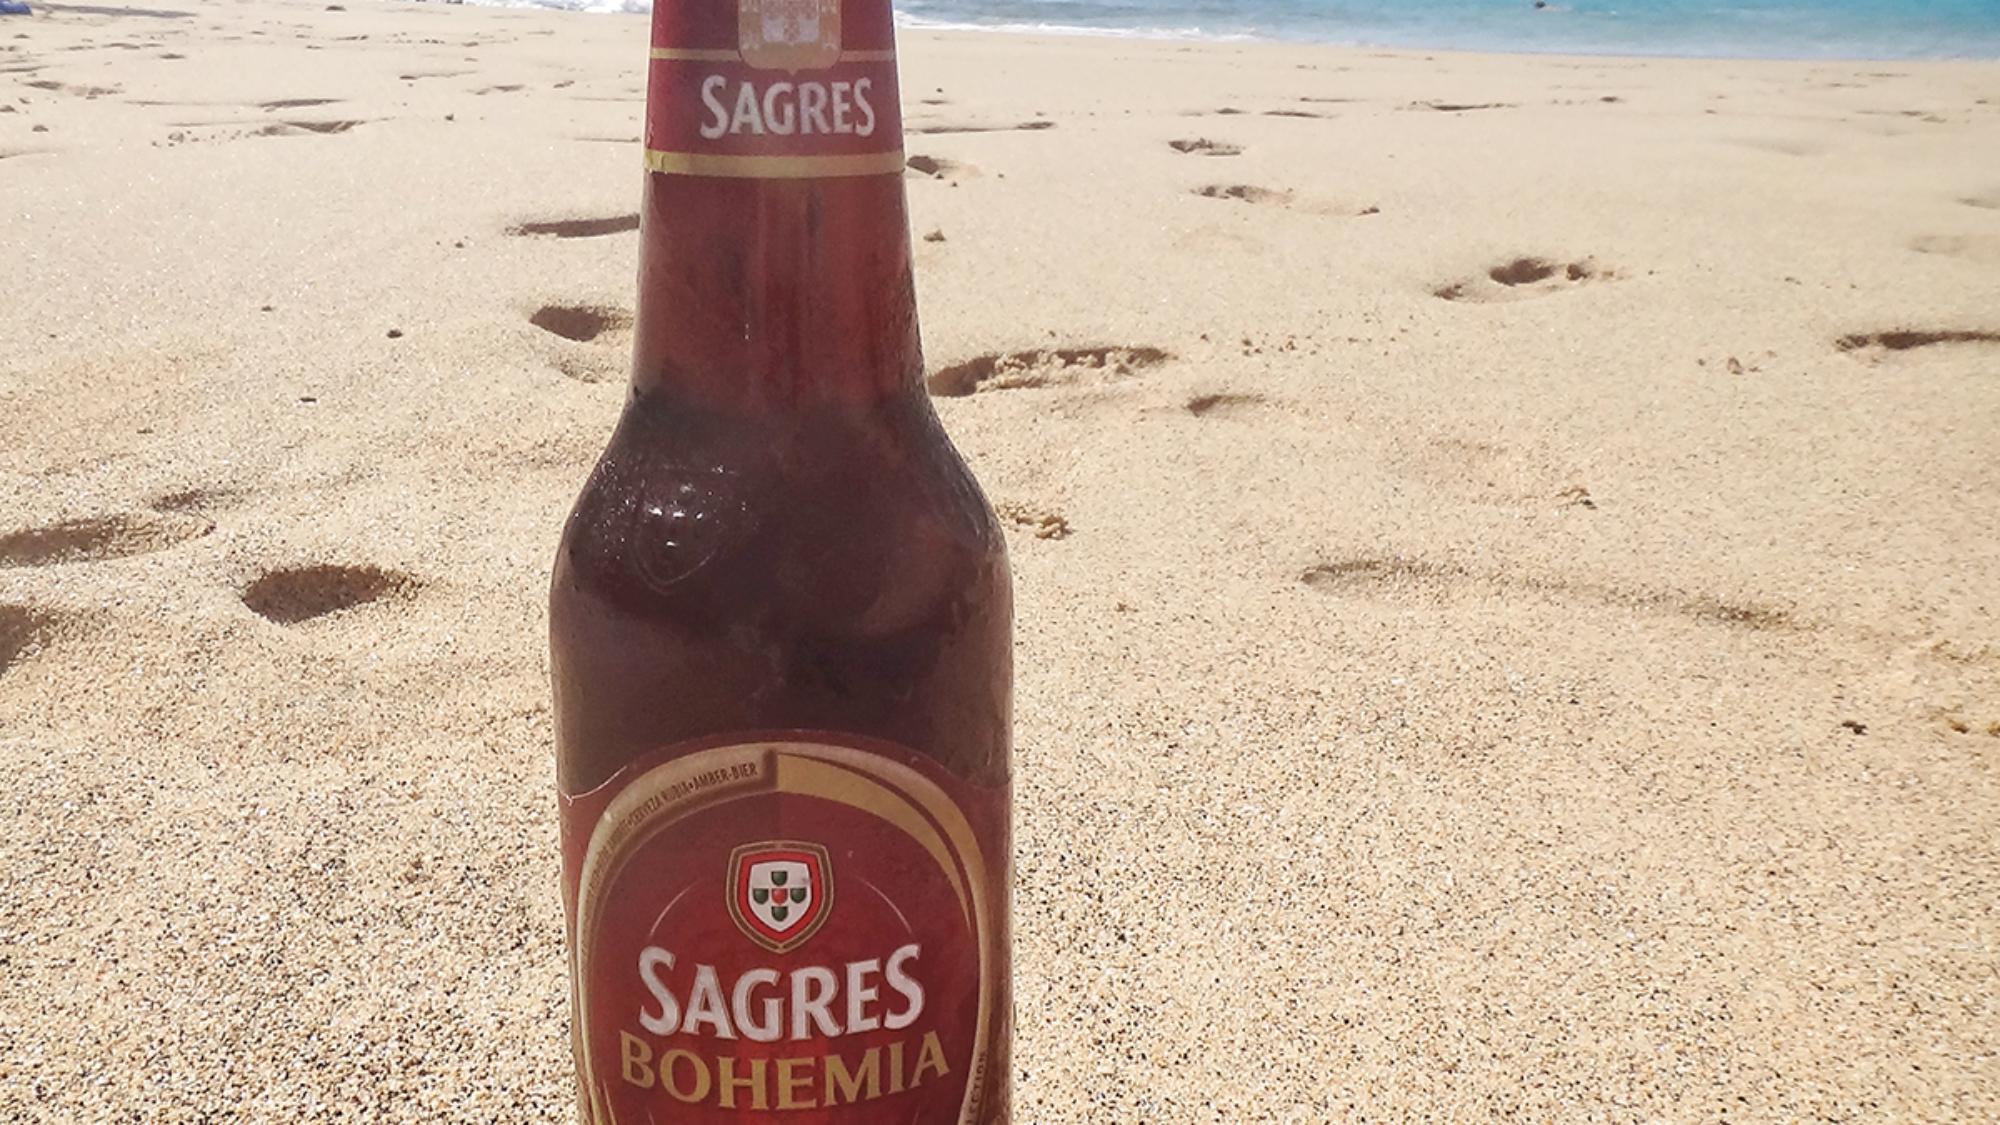 Sagres beer & beach